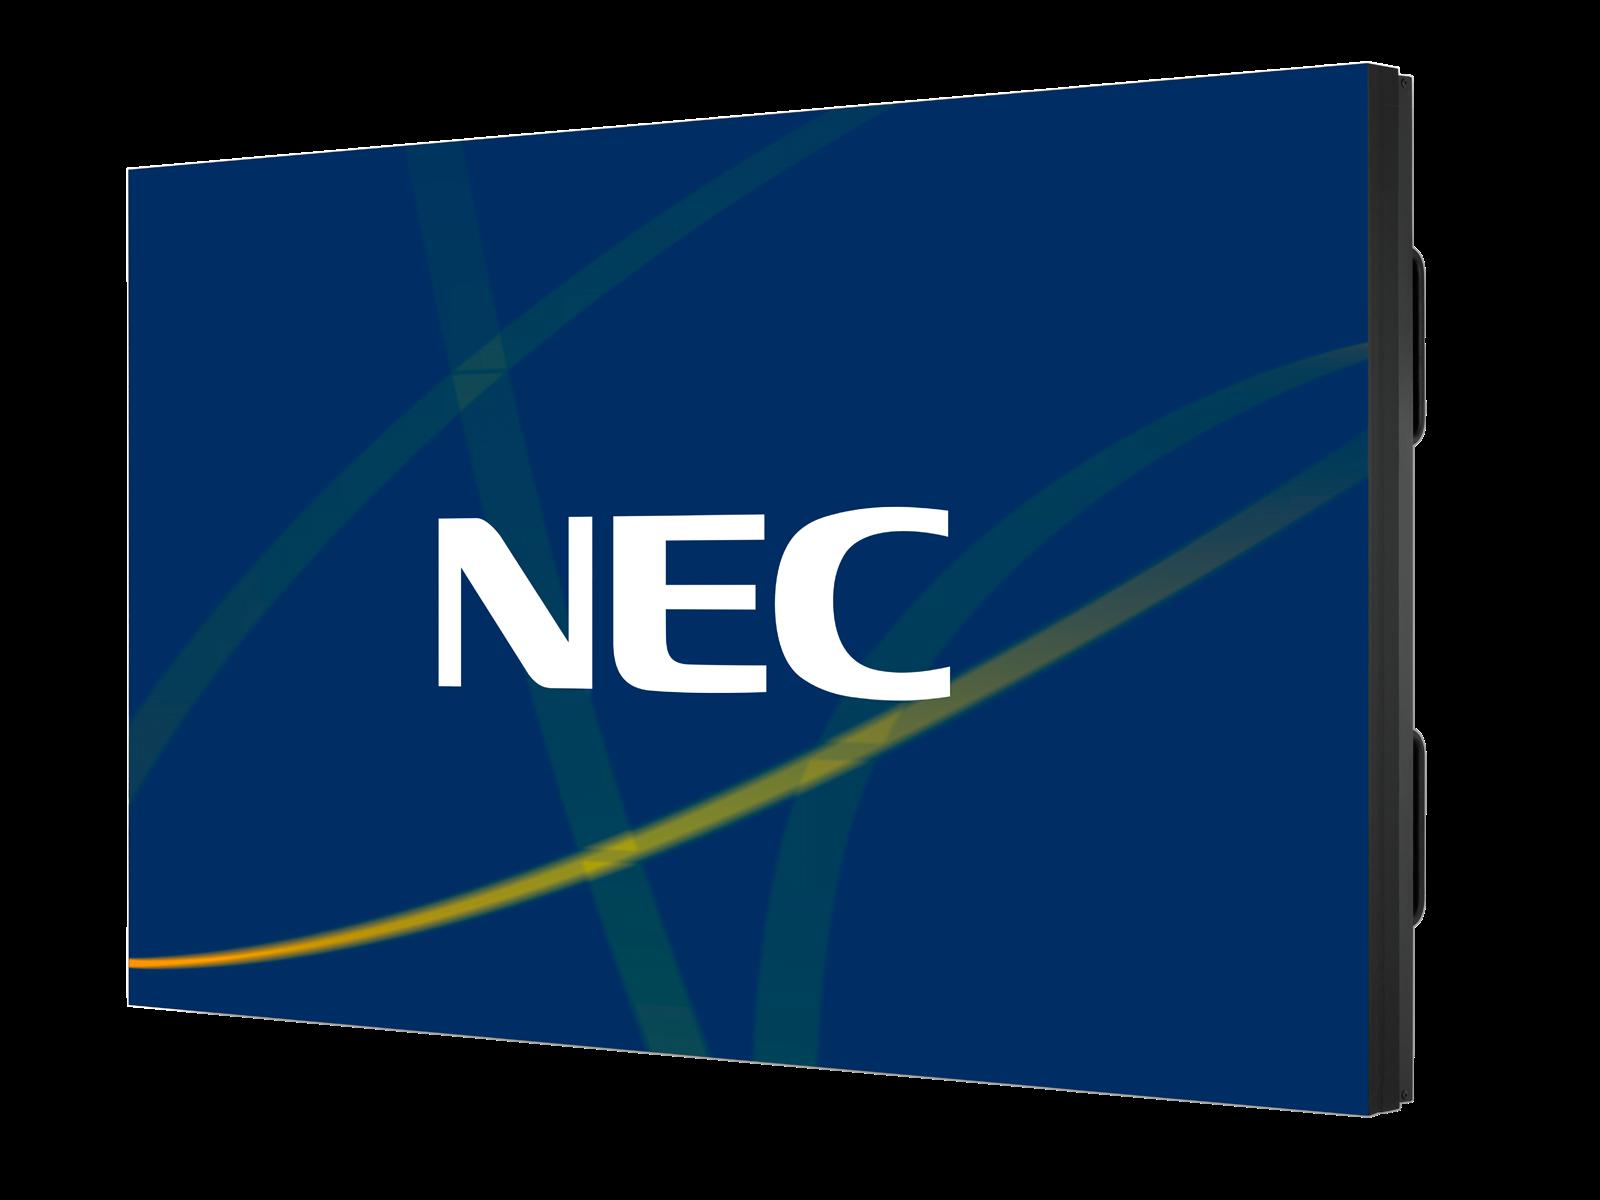 NEC_UN552S_UN552VS_Lt_1600x1200-3